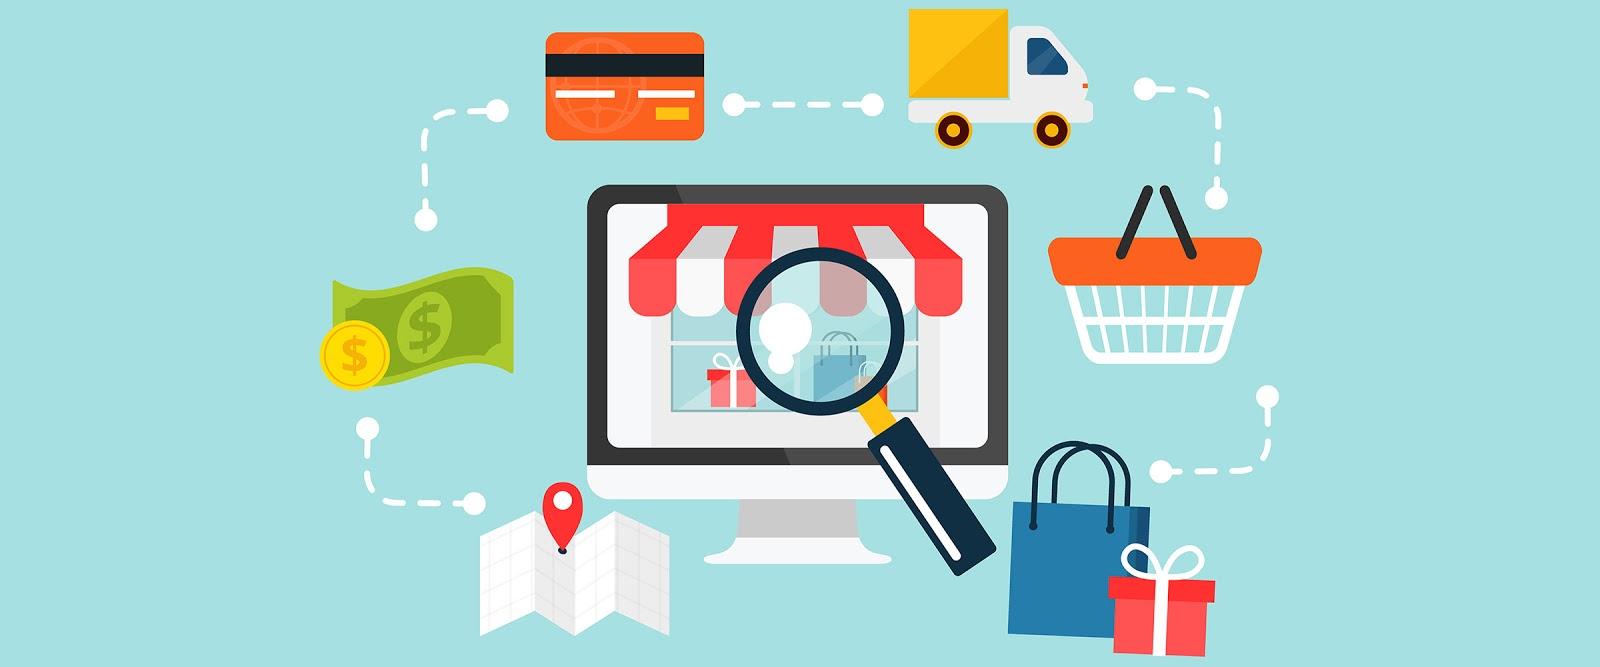 Comment vendre un eBook ou un livre numérique sur internet ? 4